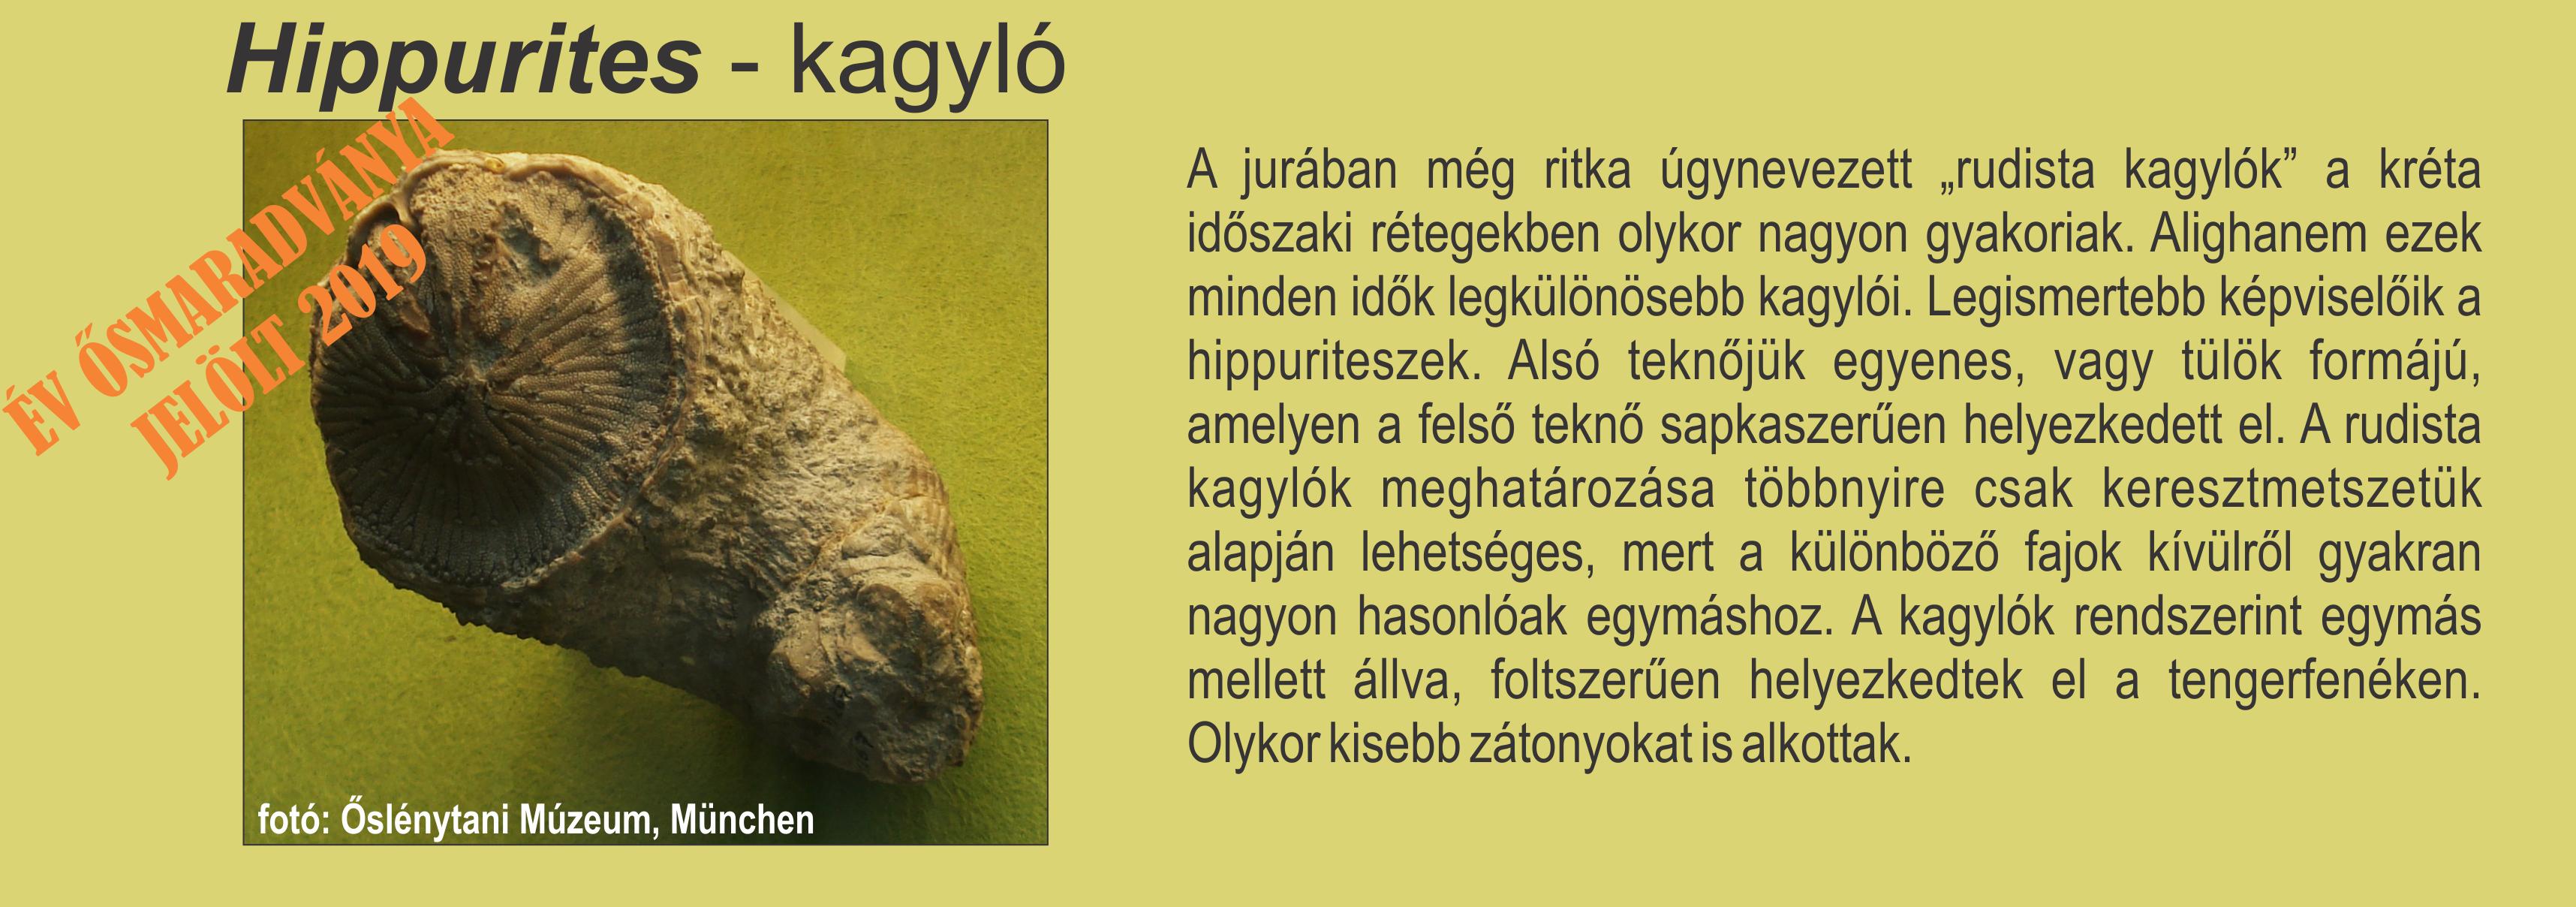 hippurites_kepesszoveg_egymasmellett.png